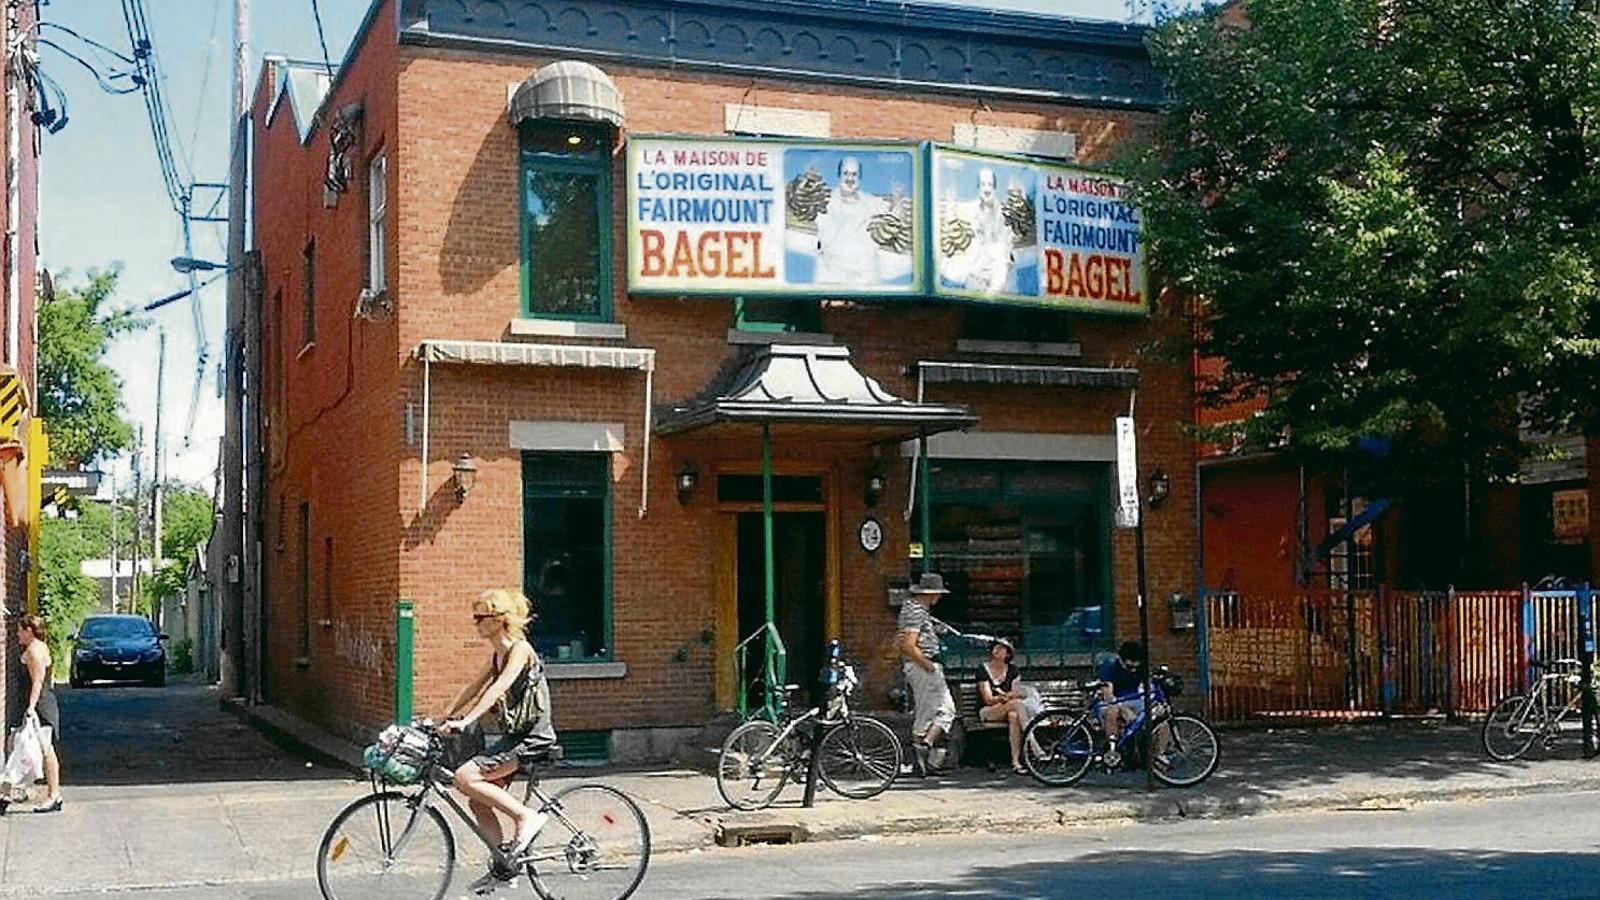 A Fairmount Bagel porten un segle fent els millors 'bagels' de Mont-real.